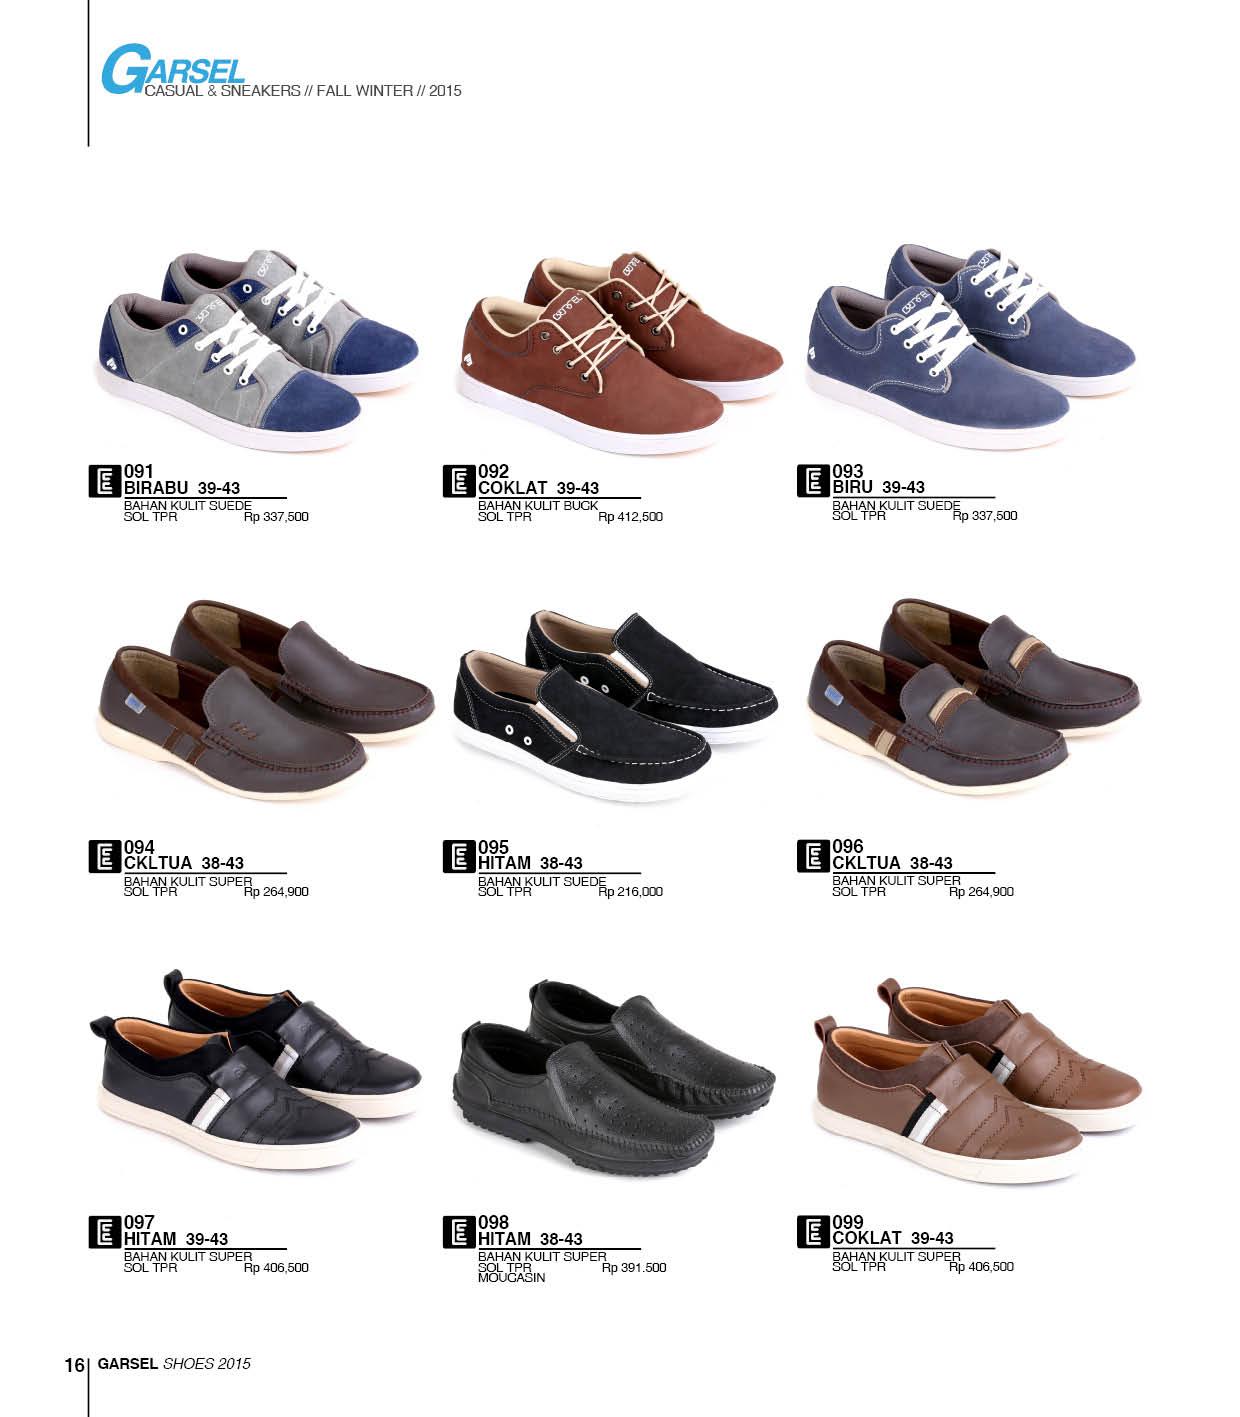 Katalog Terbaru Sepatu dan Sandal Garsel 2015-2016